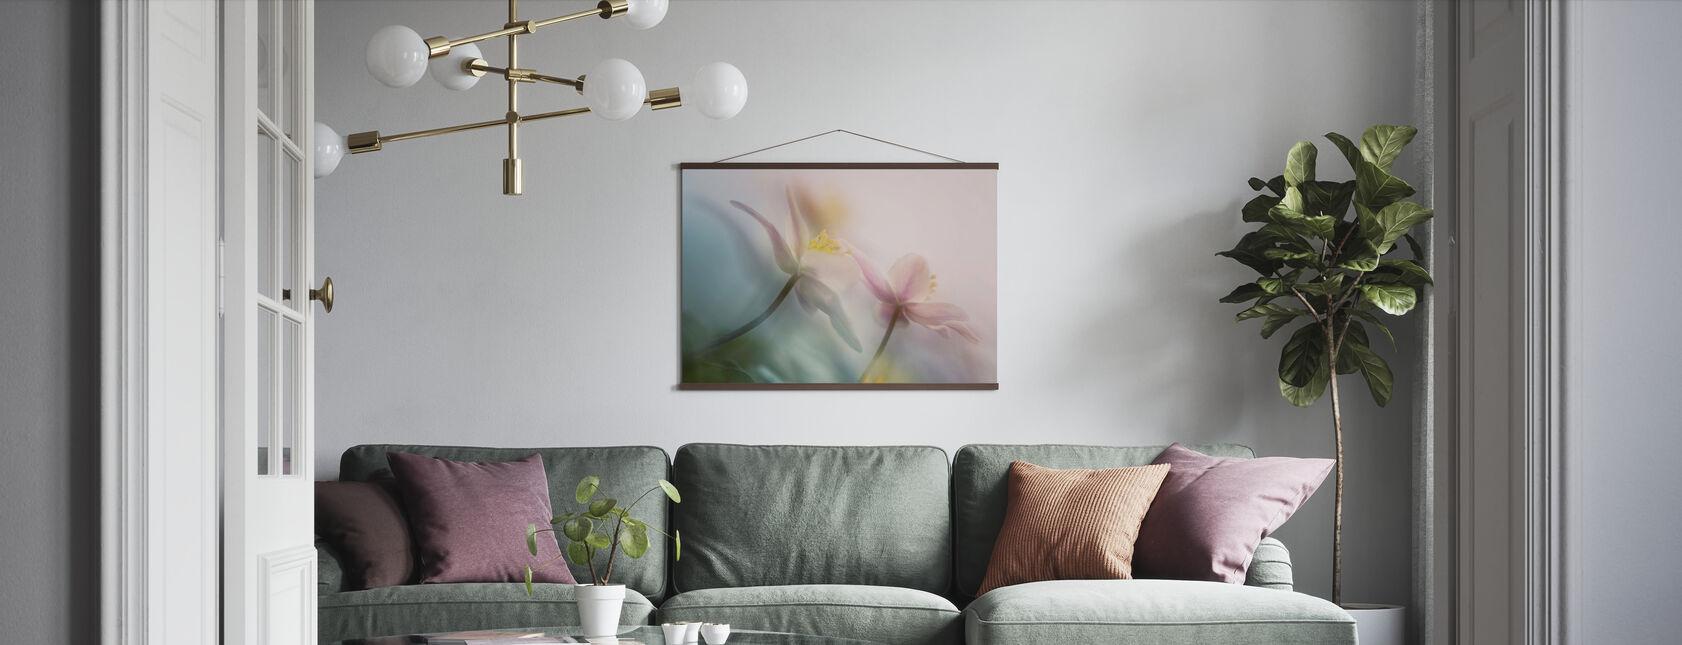 Gentle - Poster - Living Room